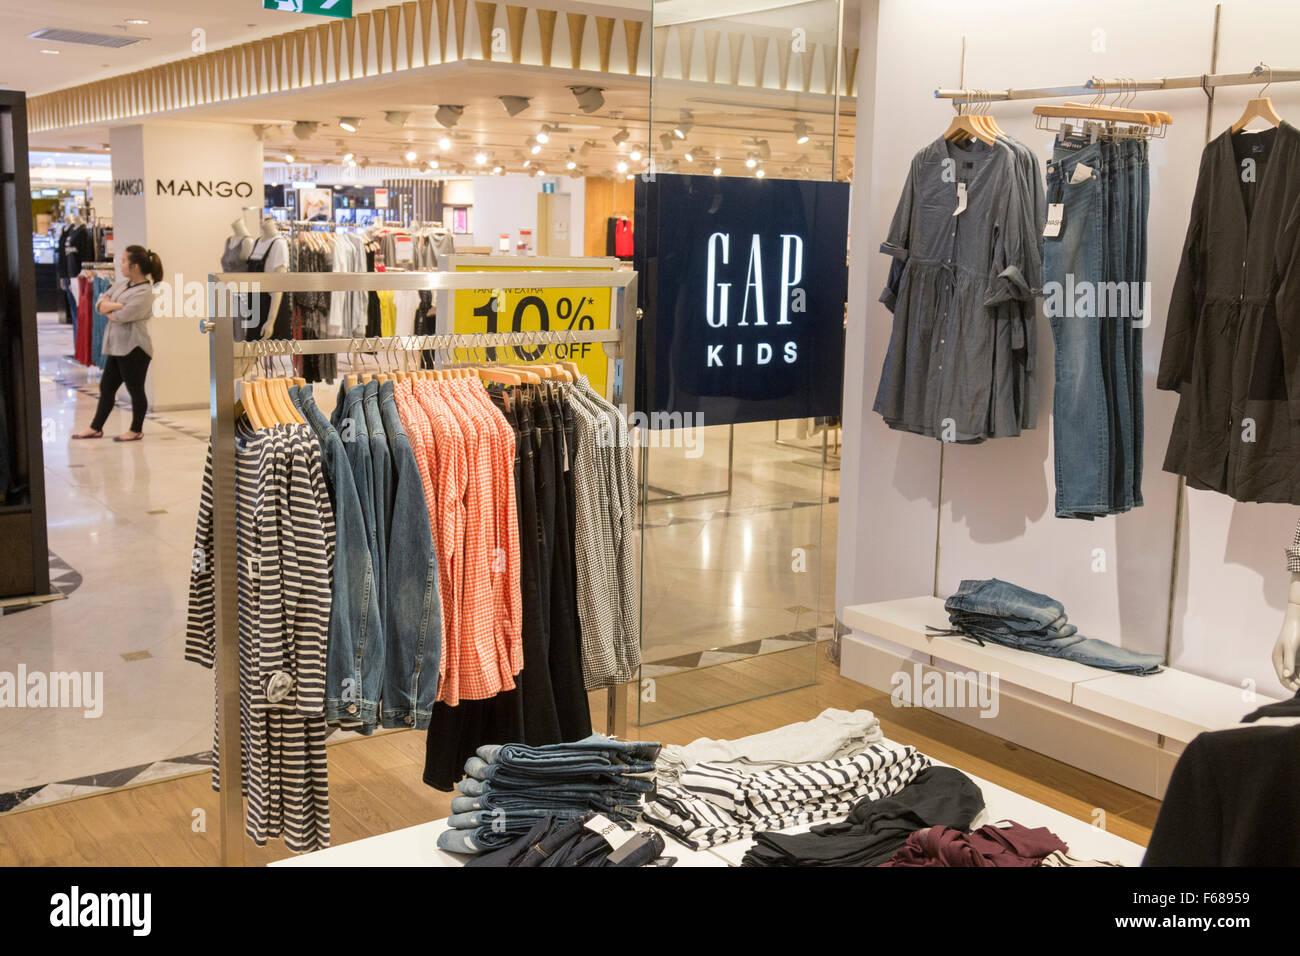 competitive price c99fa 11f8e Gap kids negozio di abbigliamento in Hanoi centro ...